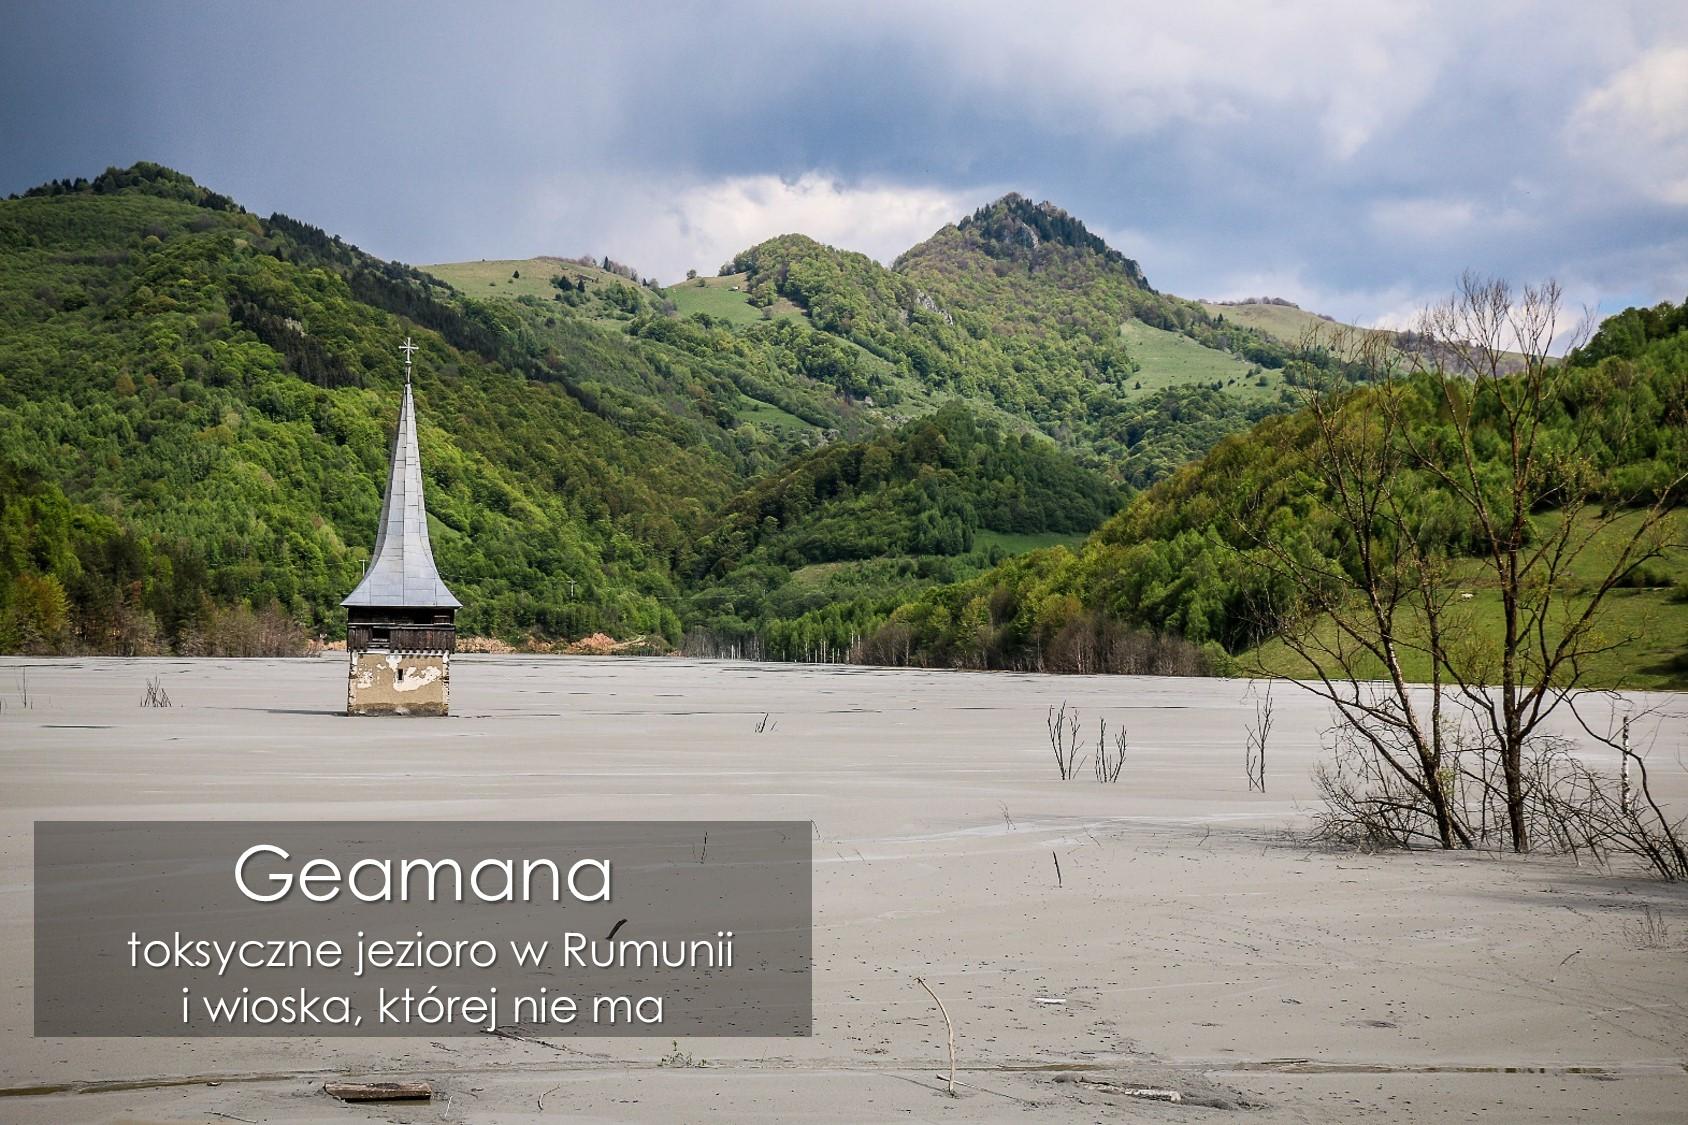 Geamana Rumunia Toksyczne Jezioro I Wioska Kt Rej Nie Ma